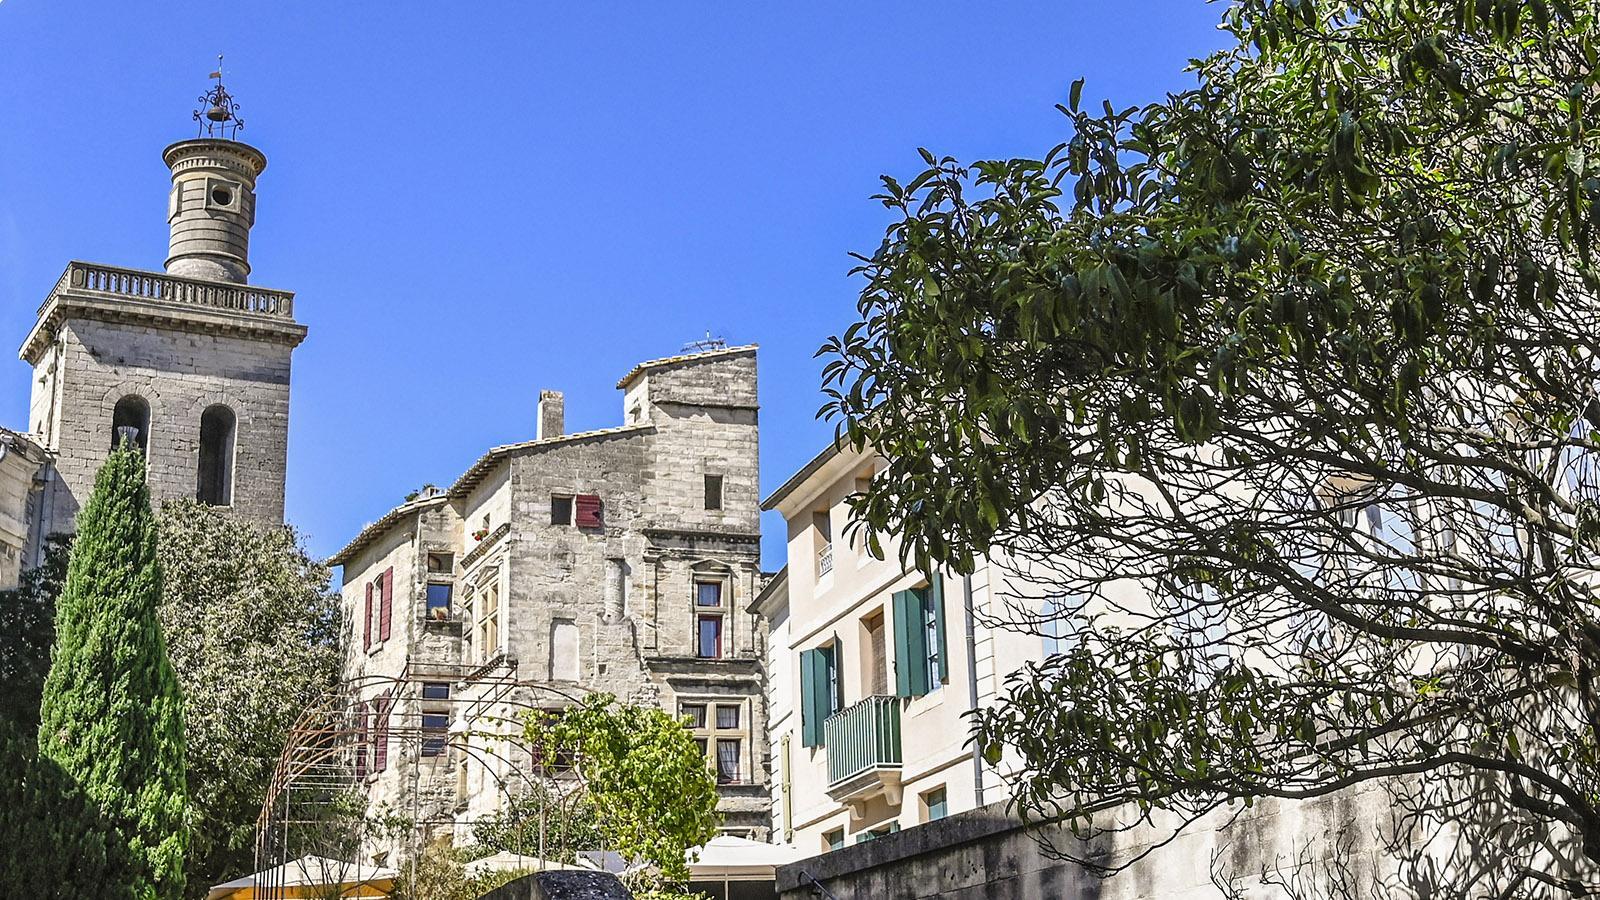 Uzès: Blick auf den Turm der Église Saint-Étienne. Foto: Hilke Maunder